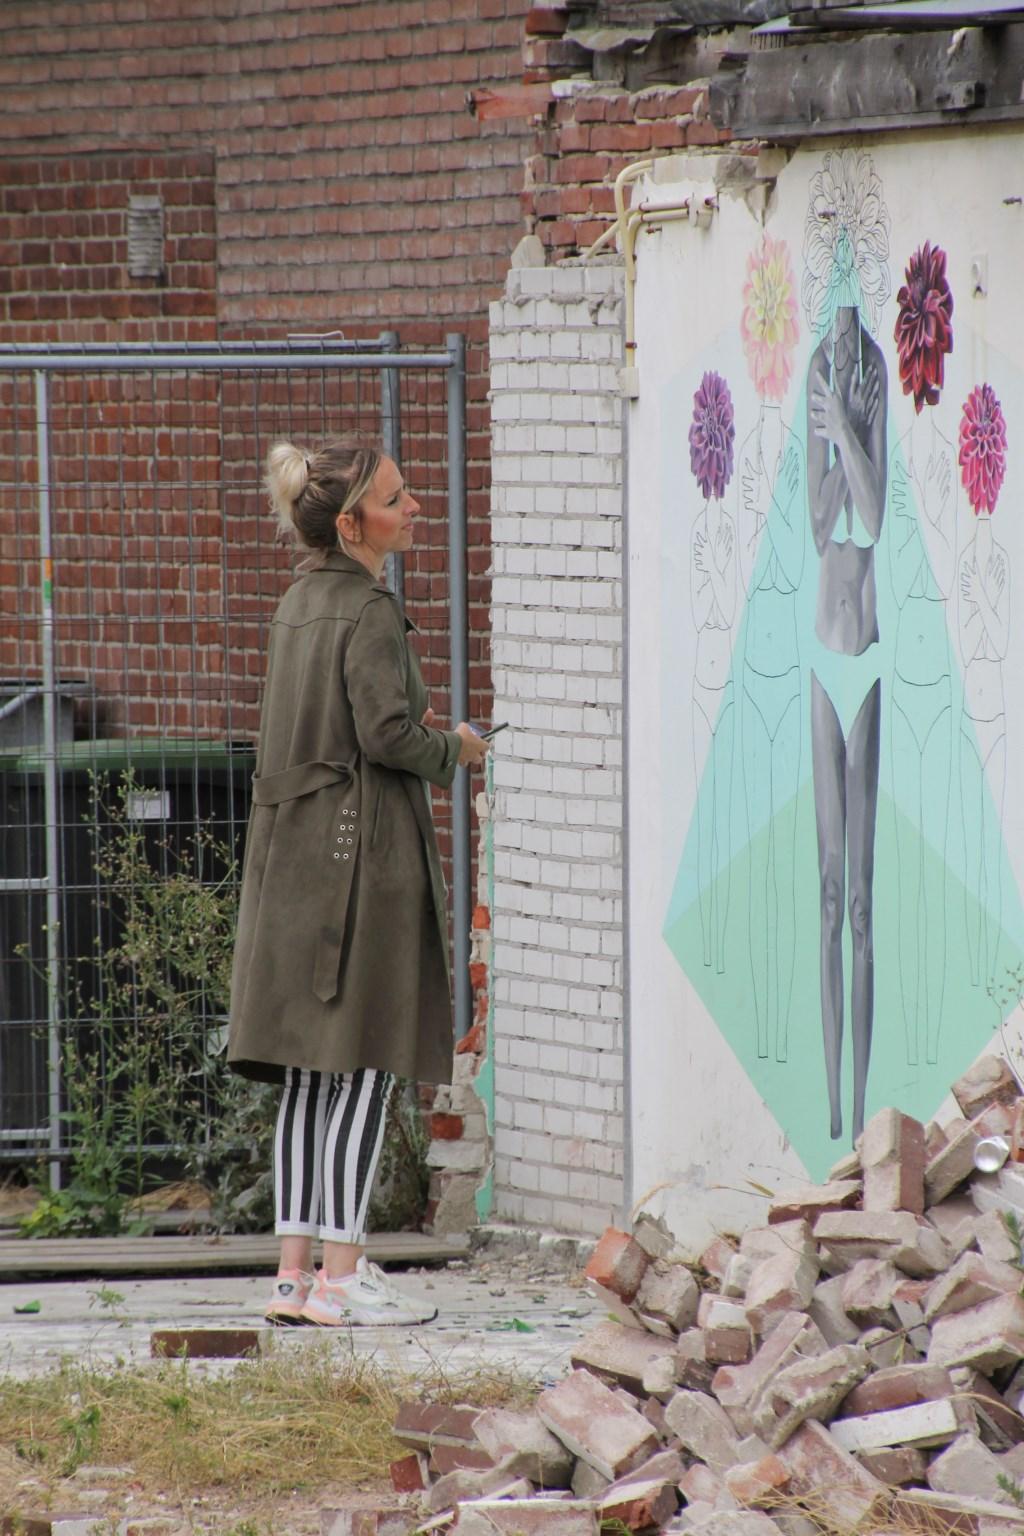 Natasja Scharenborg werpt nog even een laatste blik op haar kunstwerk. Foto: Annekée Cuppers  © Achterhoek Nieuws b.v.